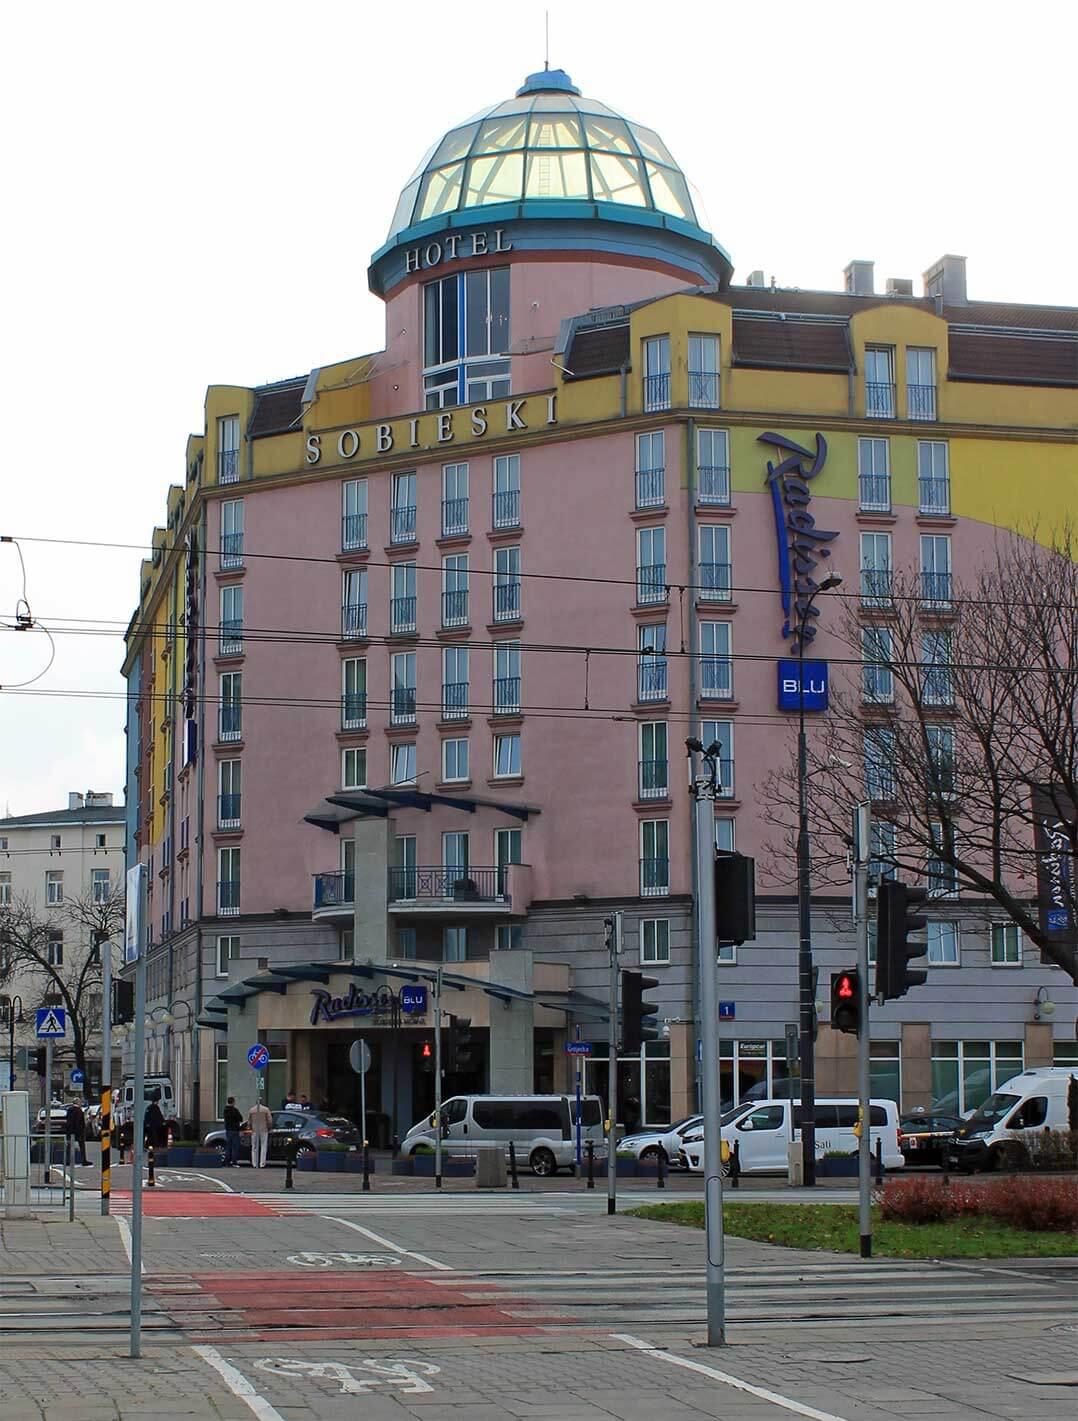 Das Hotel Radisson Blue Sobieski, einer von drei Veranstaltungsorten